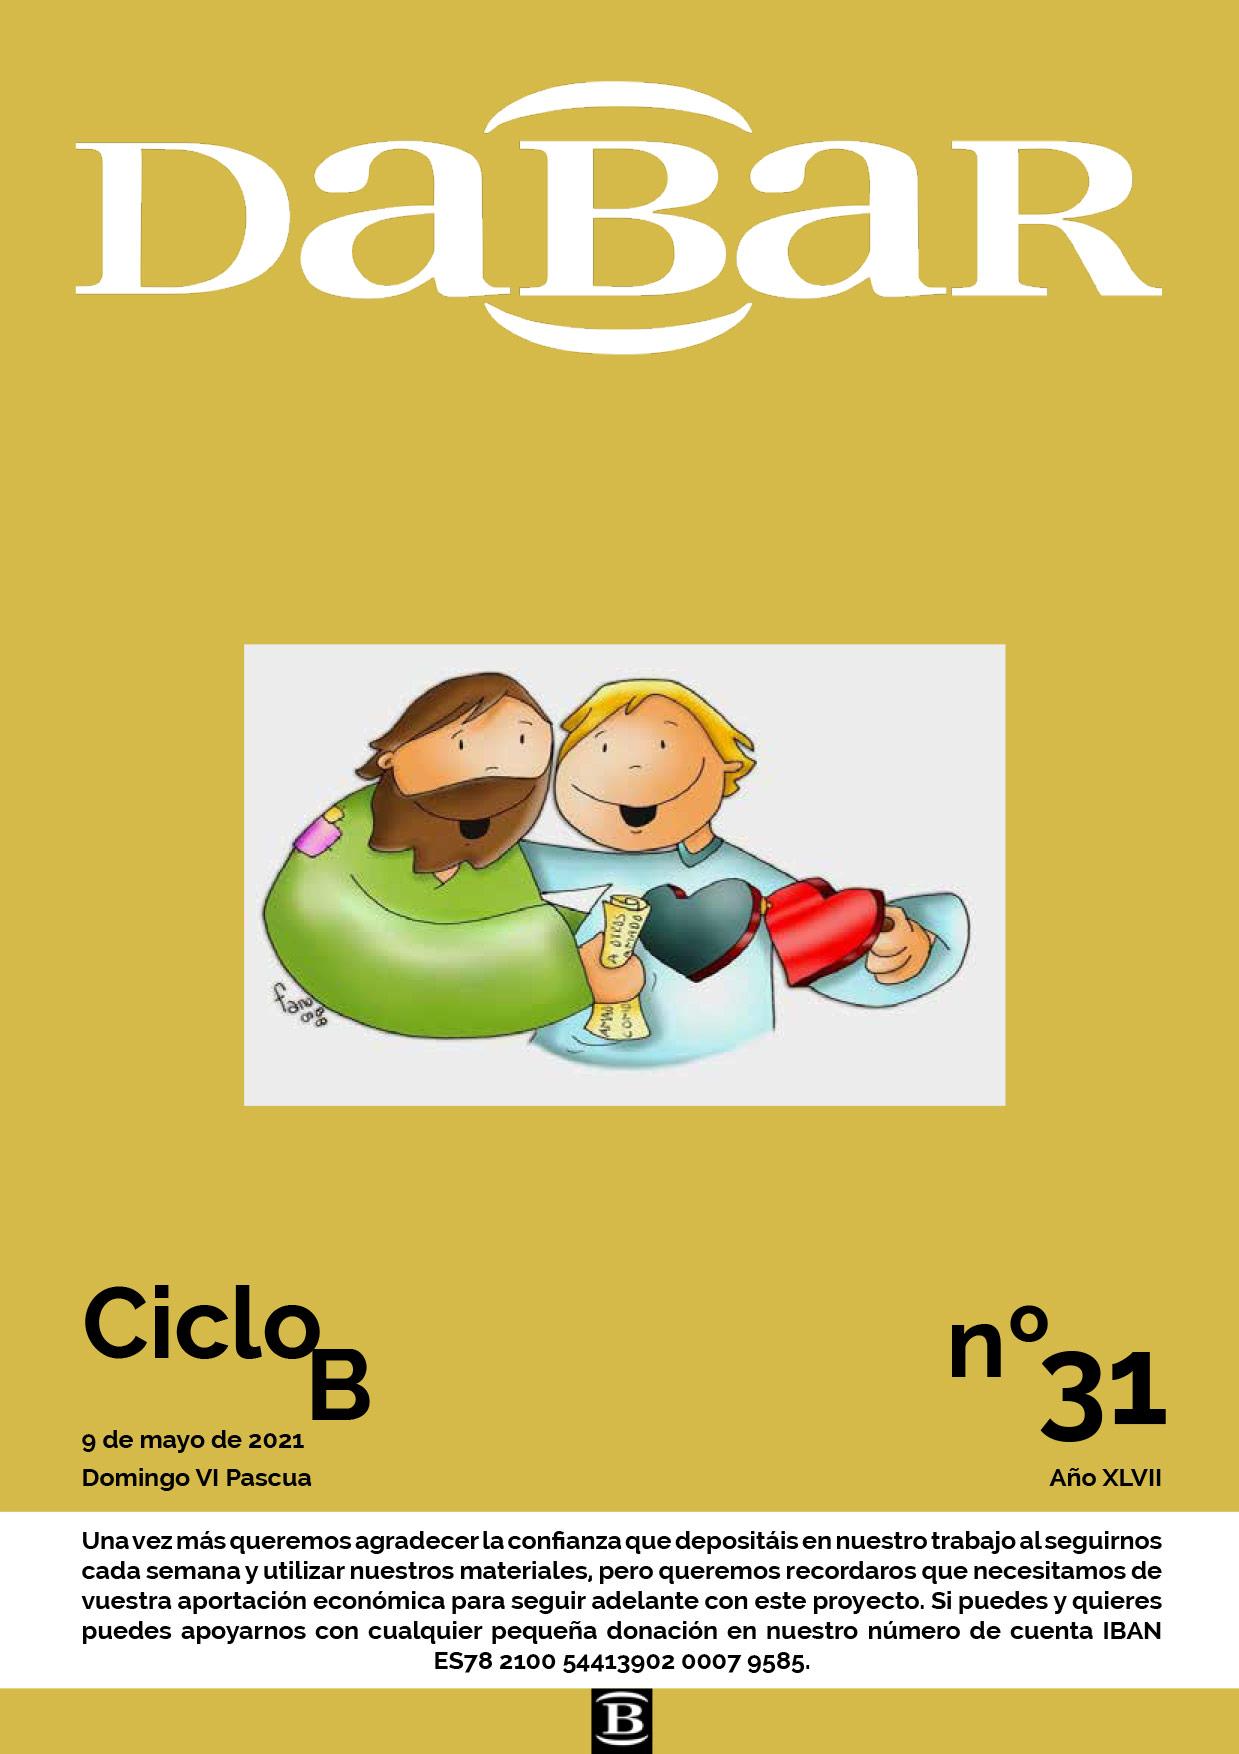 Dabar Revista número 31 ciclo B